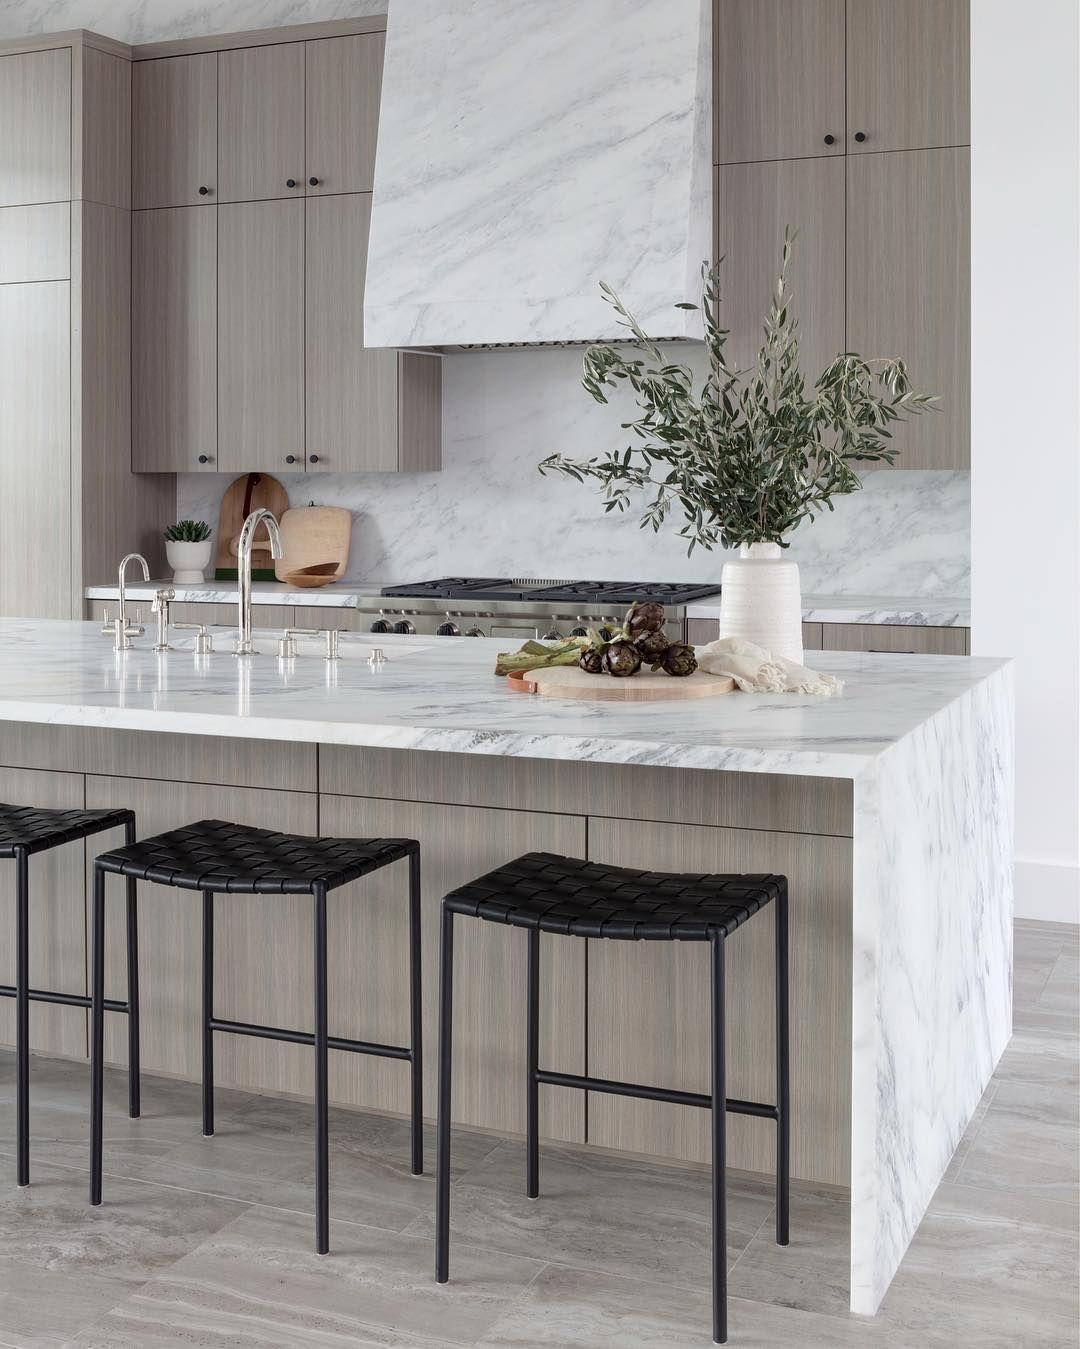 Pin by boyer design llc on kitchens in pinterest kitchen